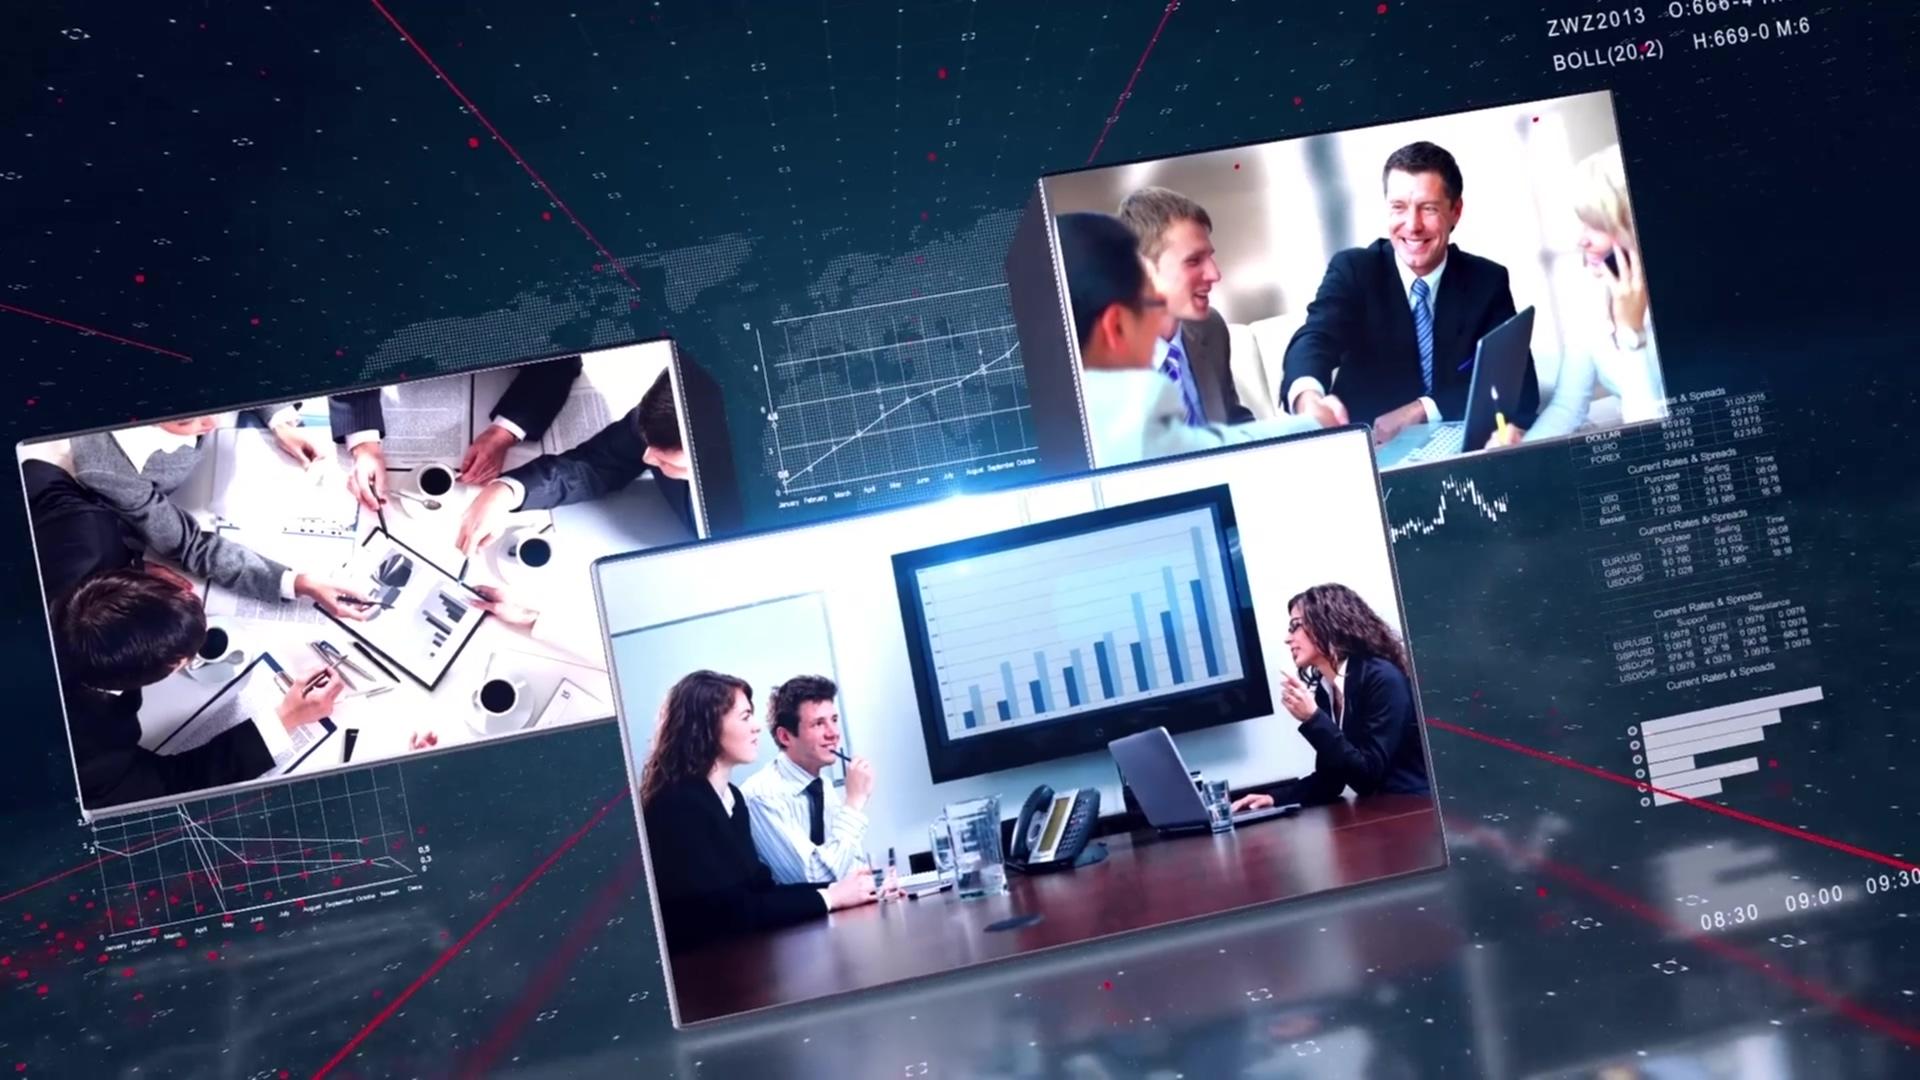 AE模板 三维空间旋转拼接数据分析照片视频展示模版 AE素材